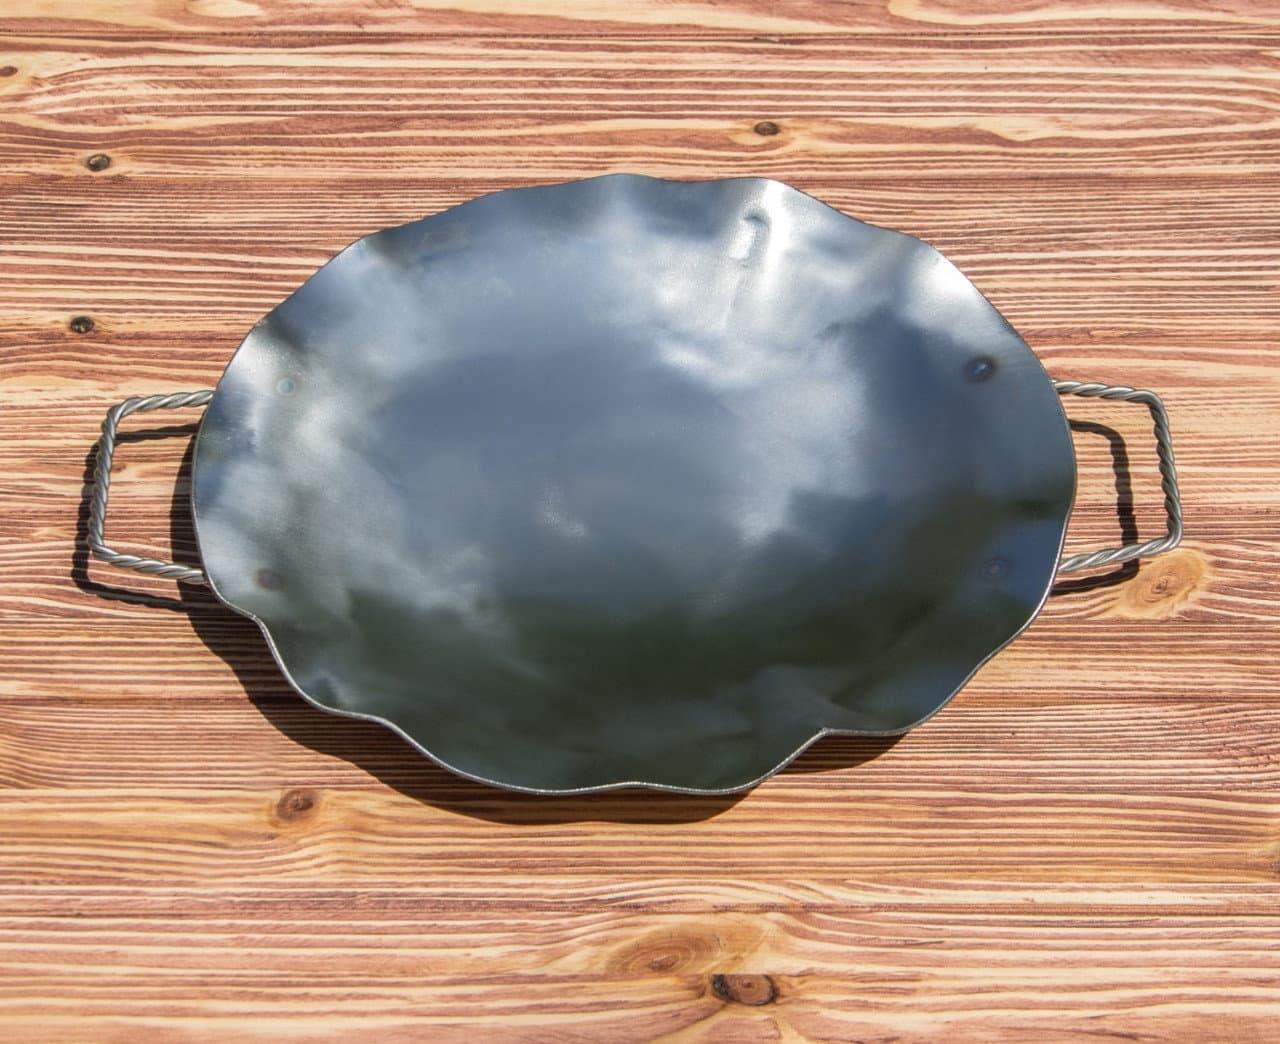 Садж сковорода без подставки, нержавеющая сталь, 35 см. - фото 8462